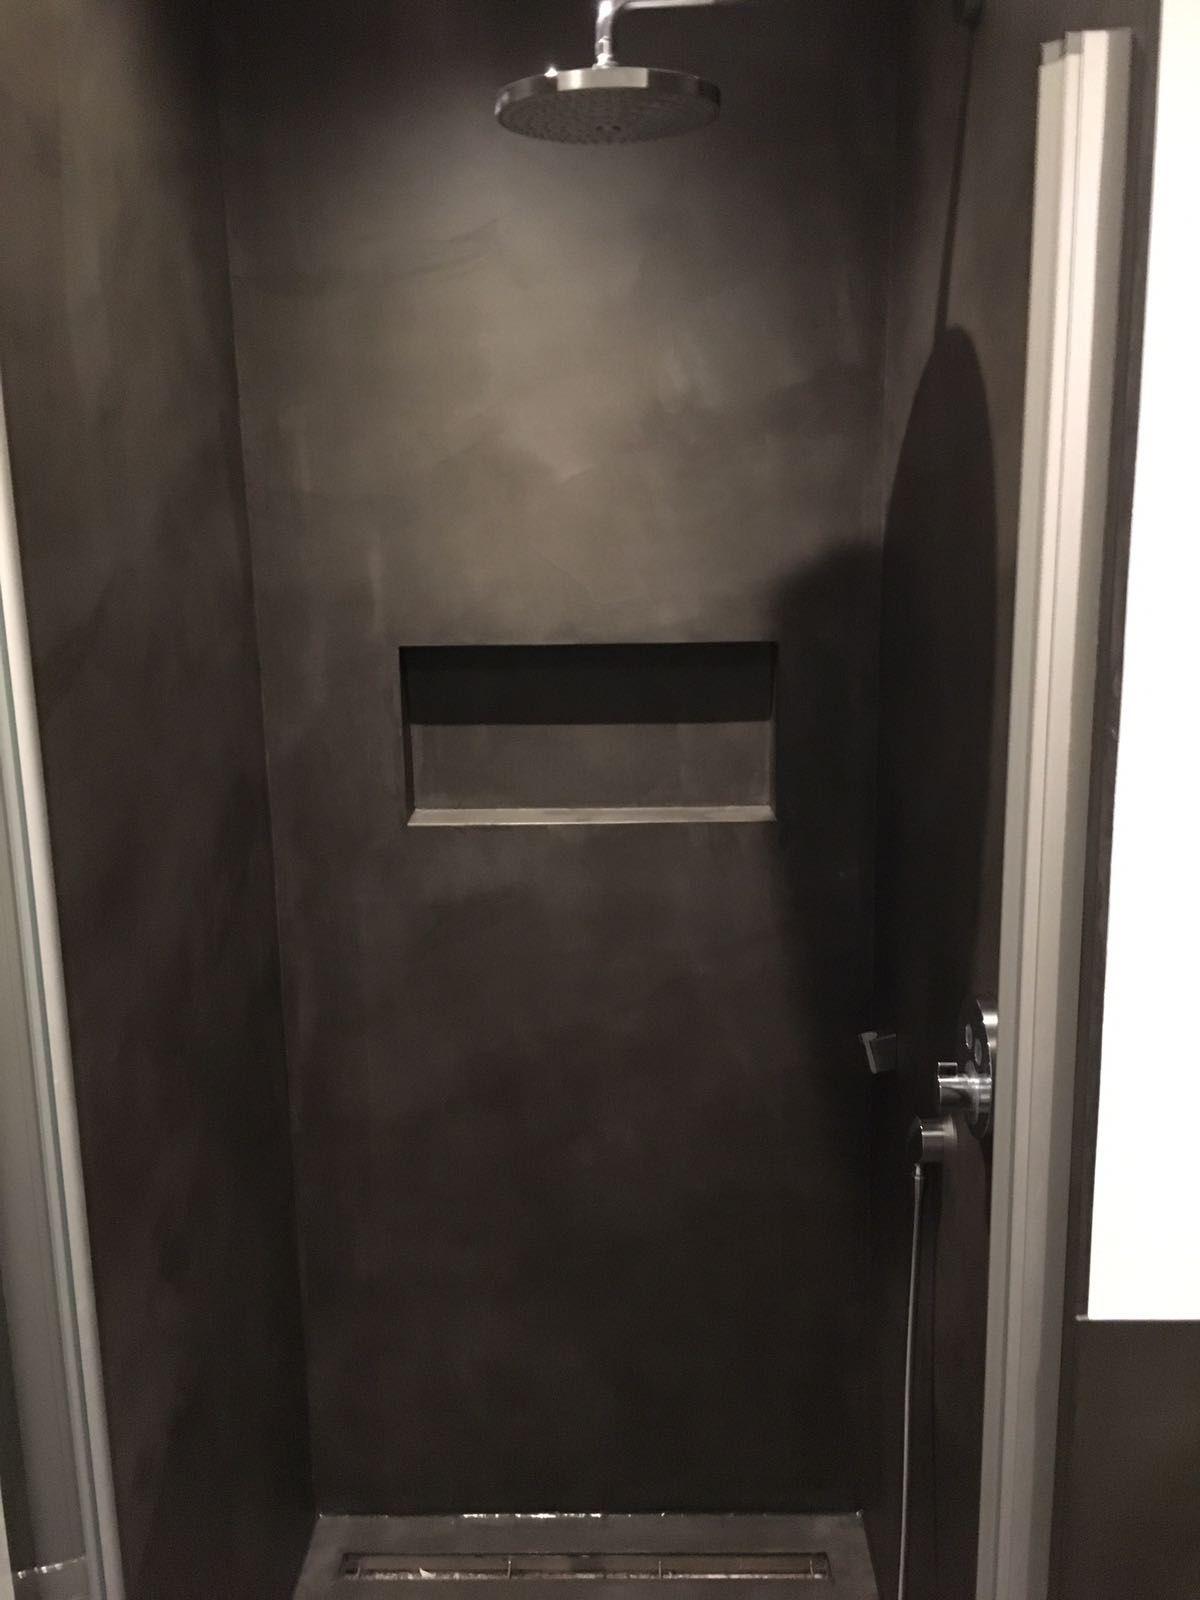 Ein Badezimmer ohne Fliesen geht nicht? Wir finden schon ...